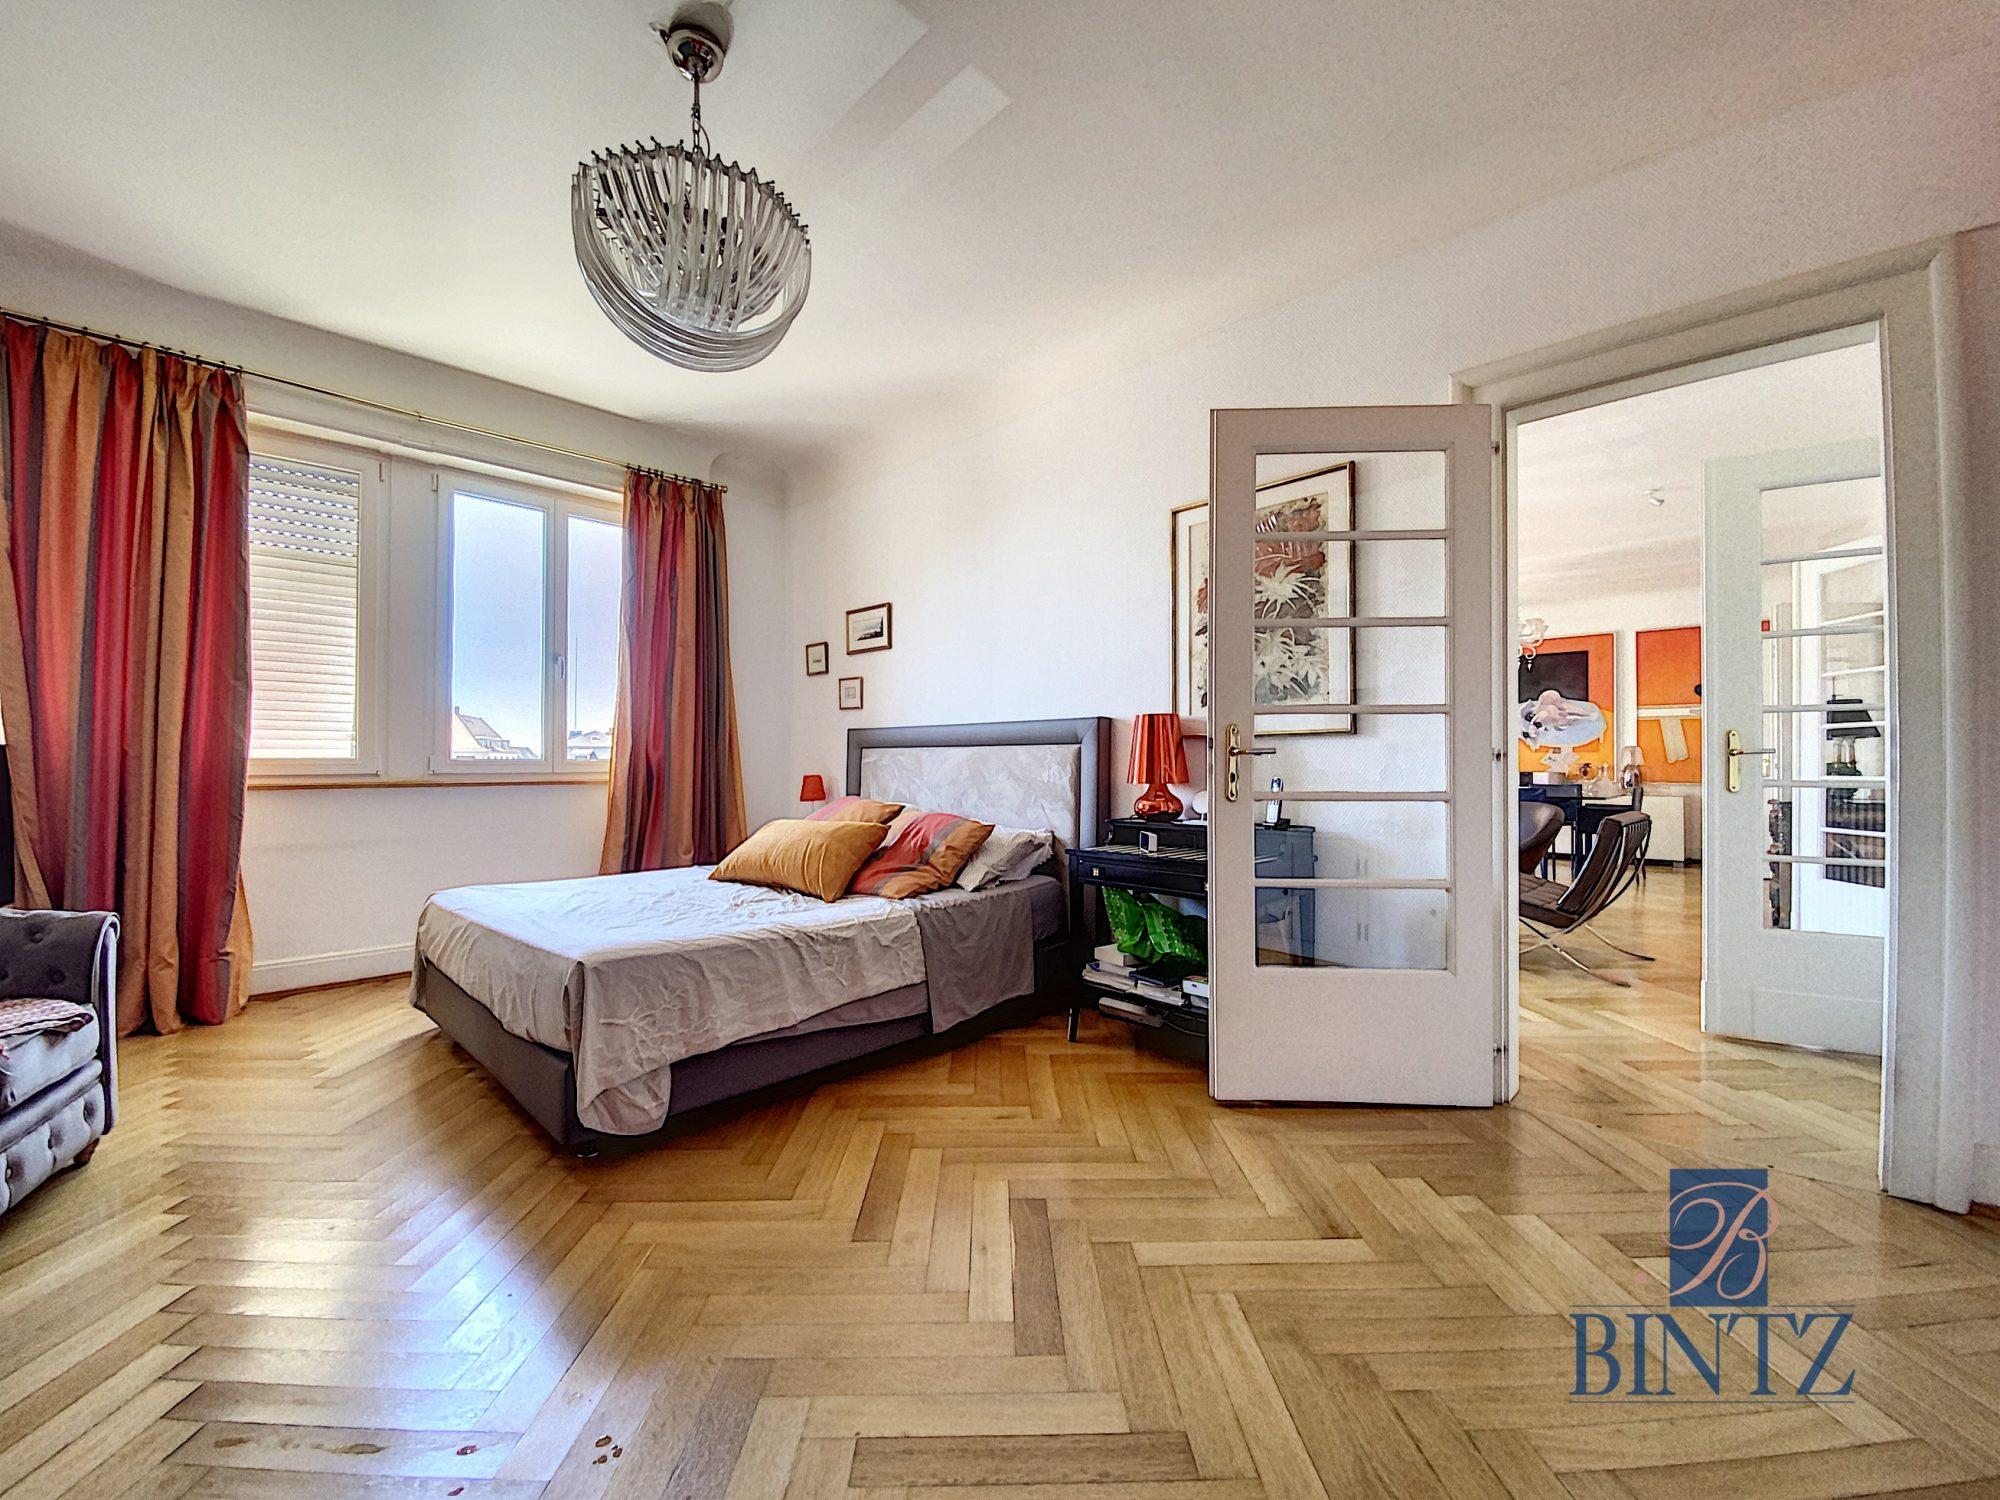 5 PIÈCES QUARTIER DES HALLES - Devenez propriétaire en toute confiance - Bintz Immobilier - 11